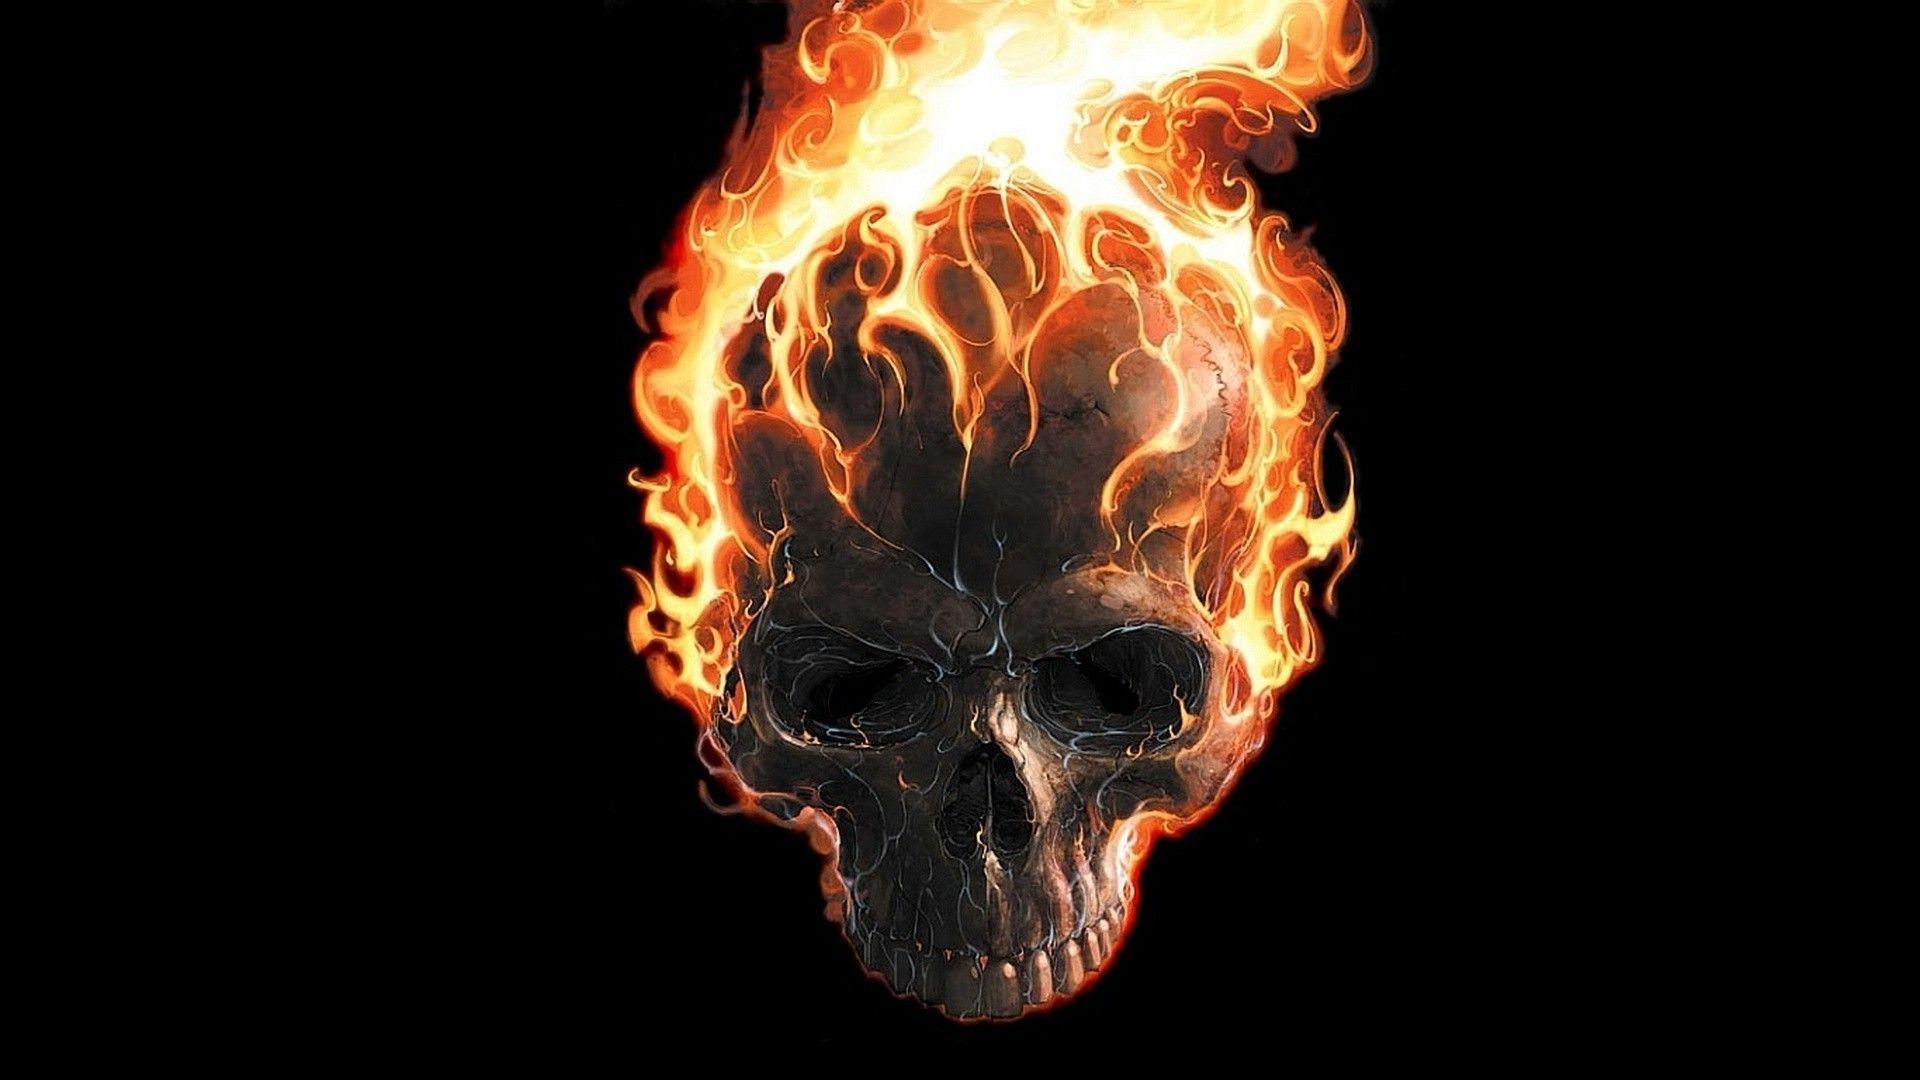 Ghost Rider Skull Wallpaper Ghost Rider Skull 133774